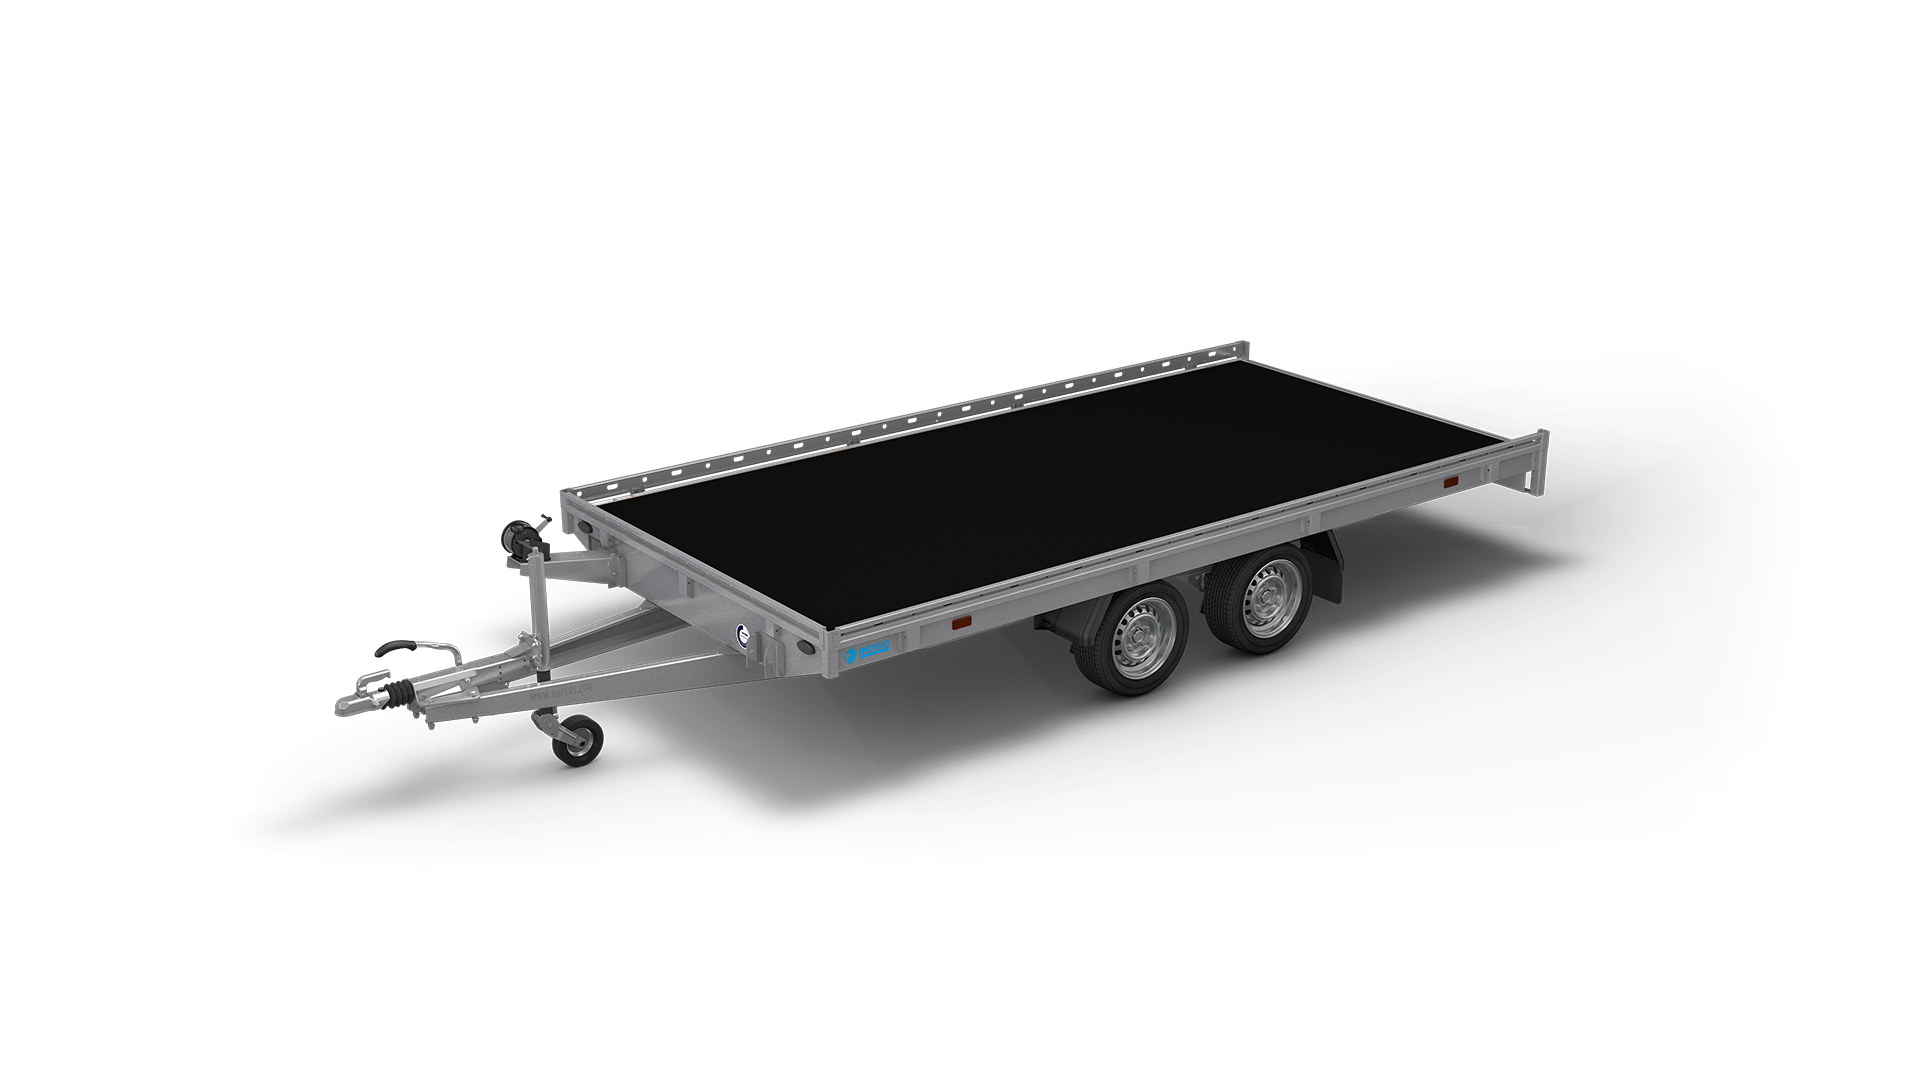 HAPERT transport trailer INDIGO HF-2 non-tilting car transporter